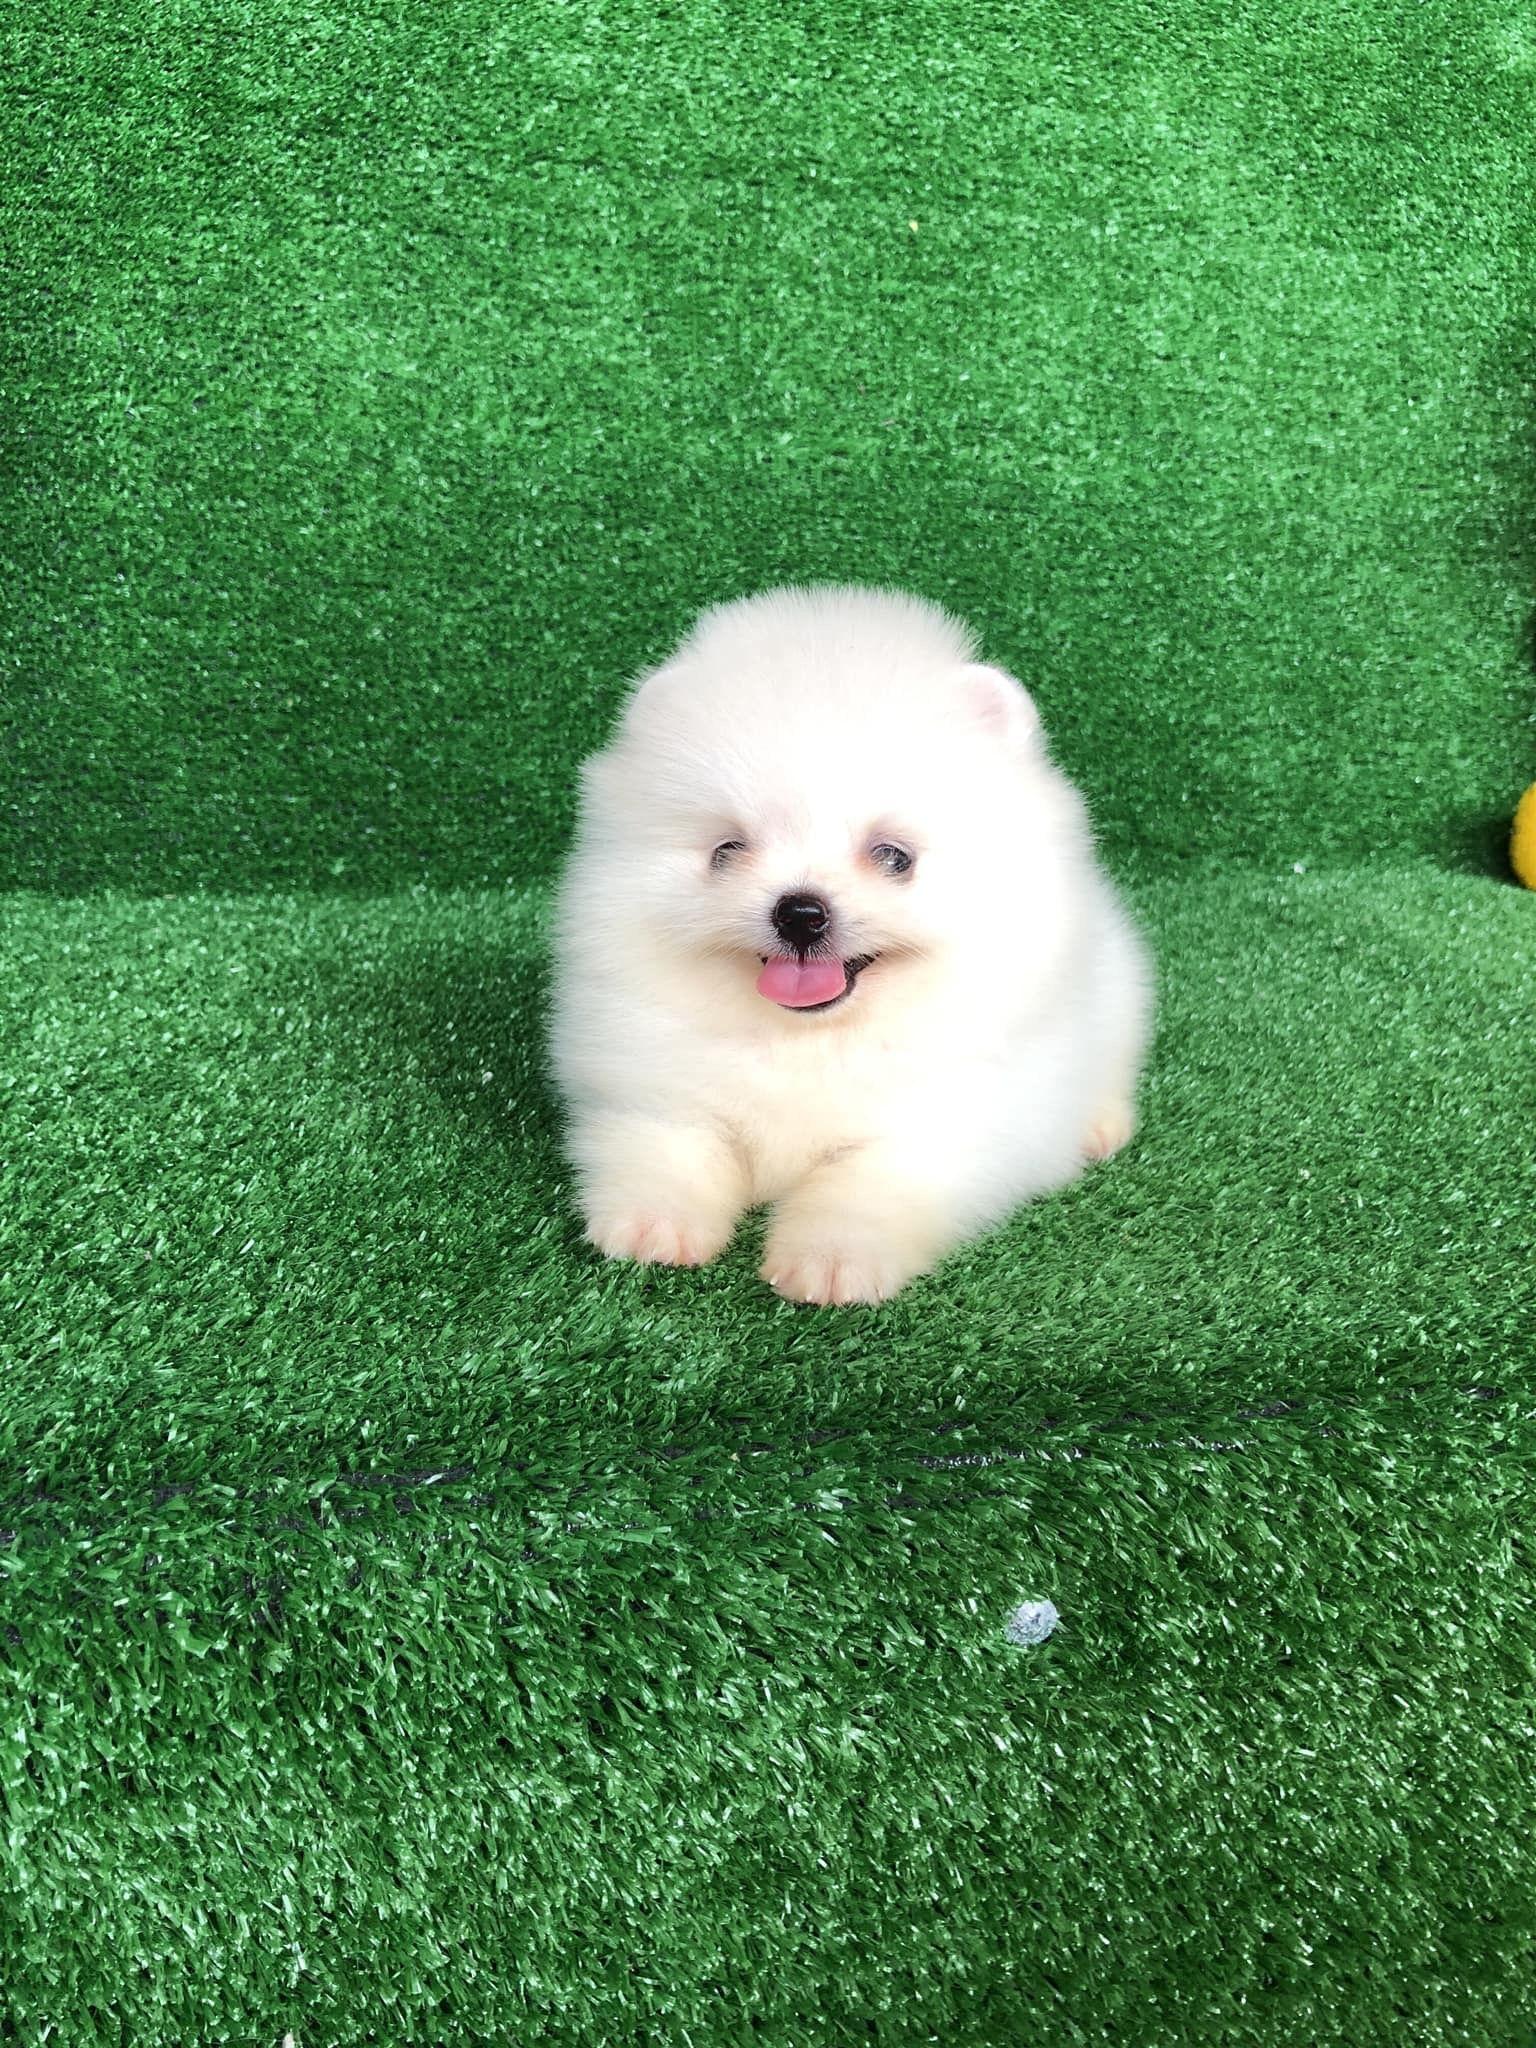 Cute pomeranian cute pomeranian baby pomeranian dog